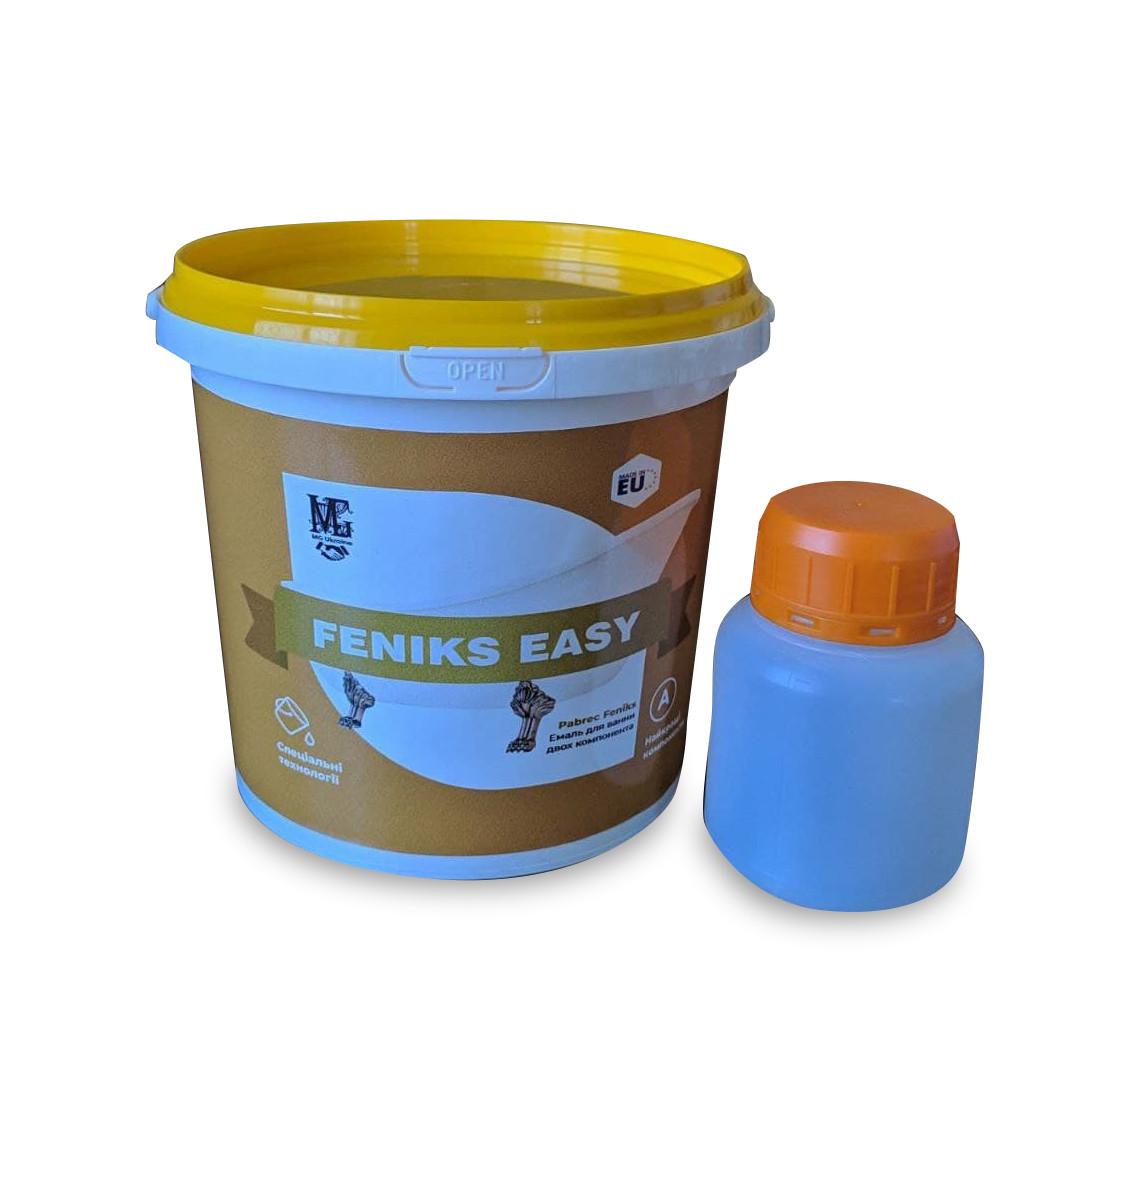 Fеniks easy Эмаль для реставрации ванн 1.7м. краска для ванн